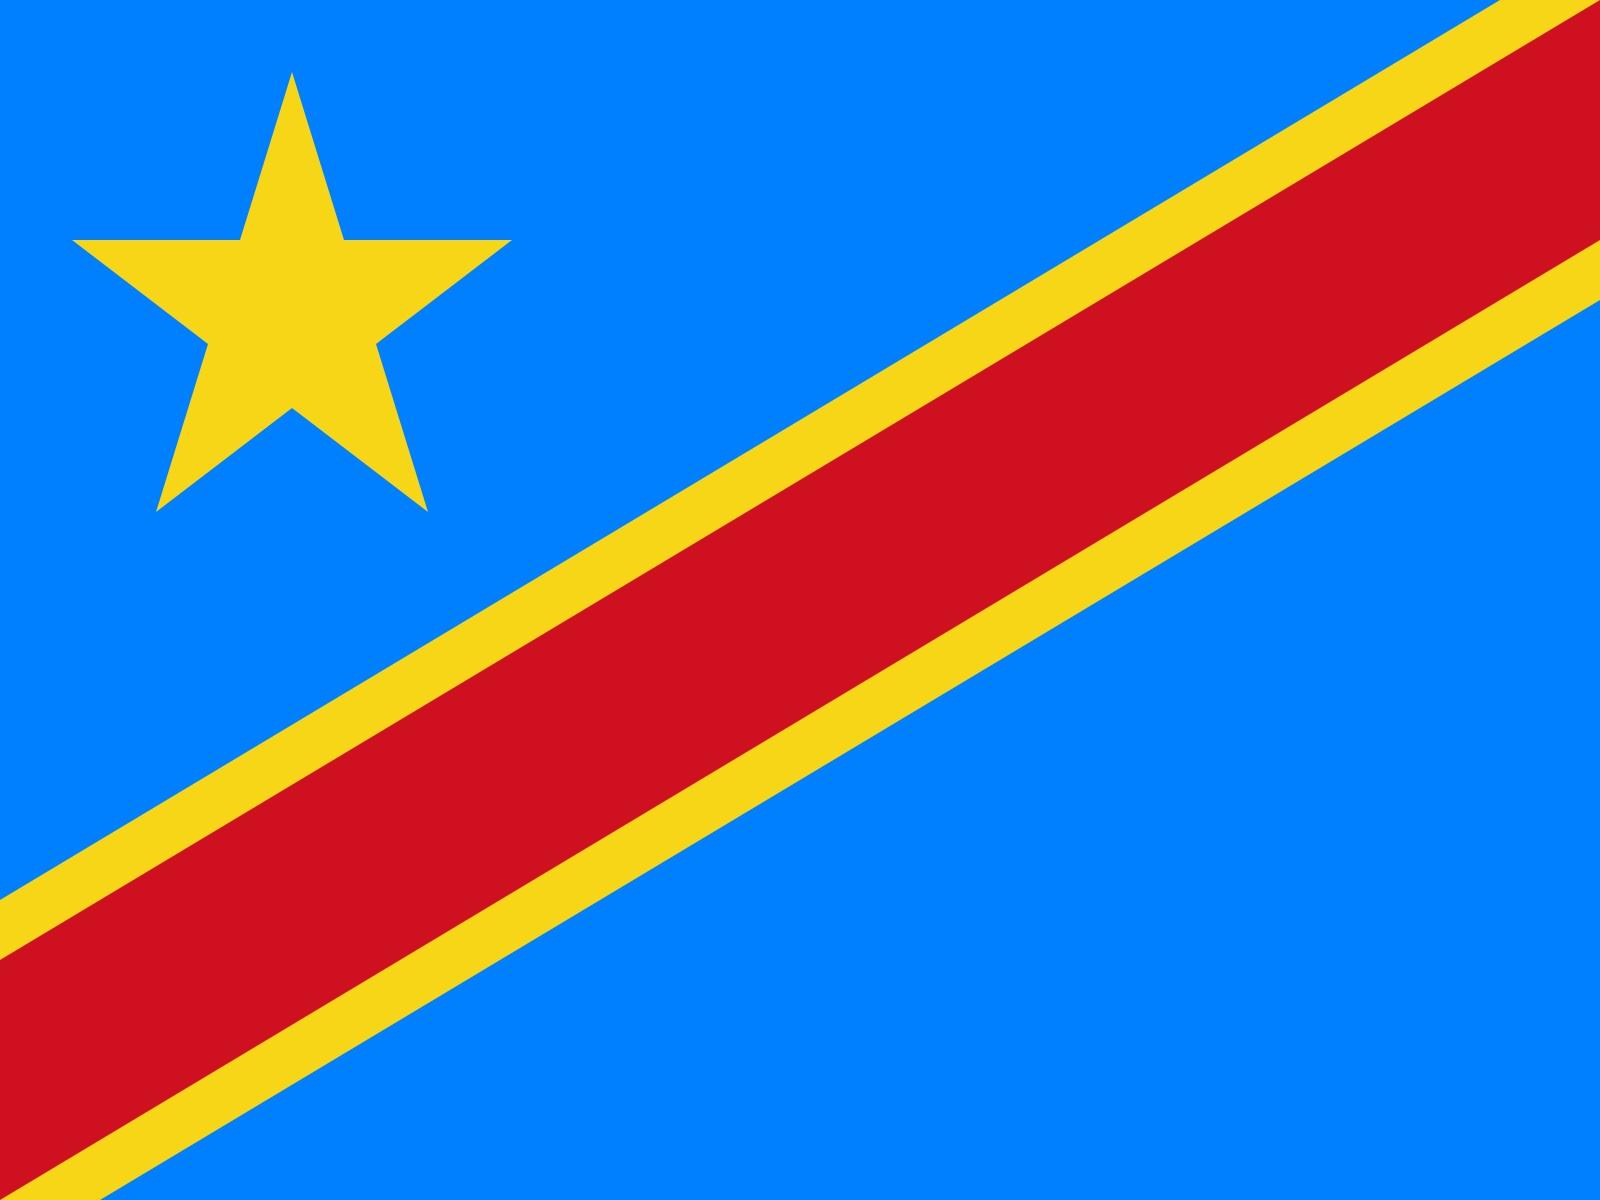 Le drapeau de la république démocratique du Congo